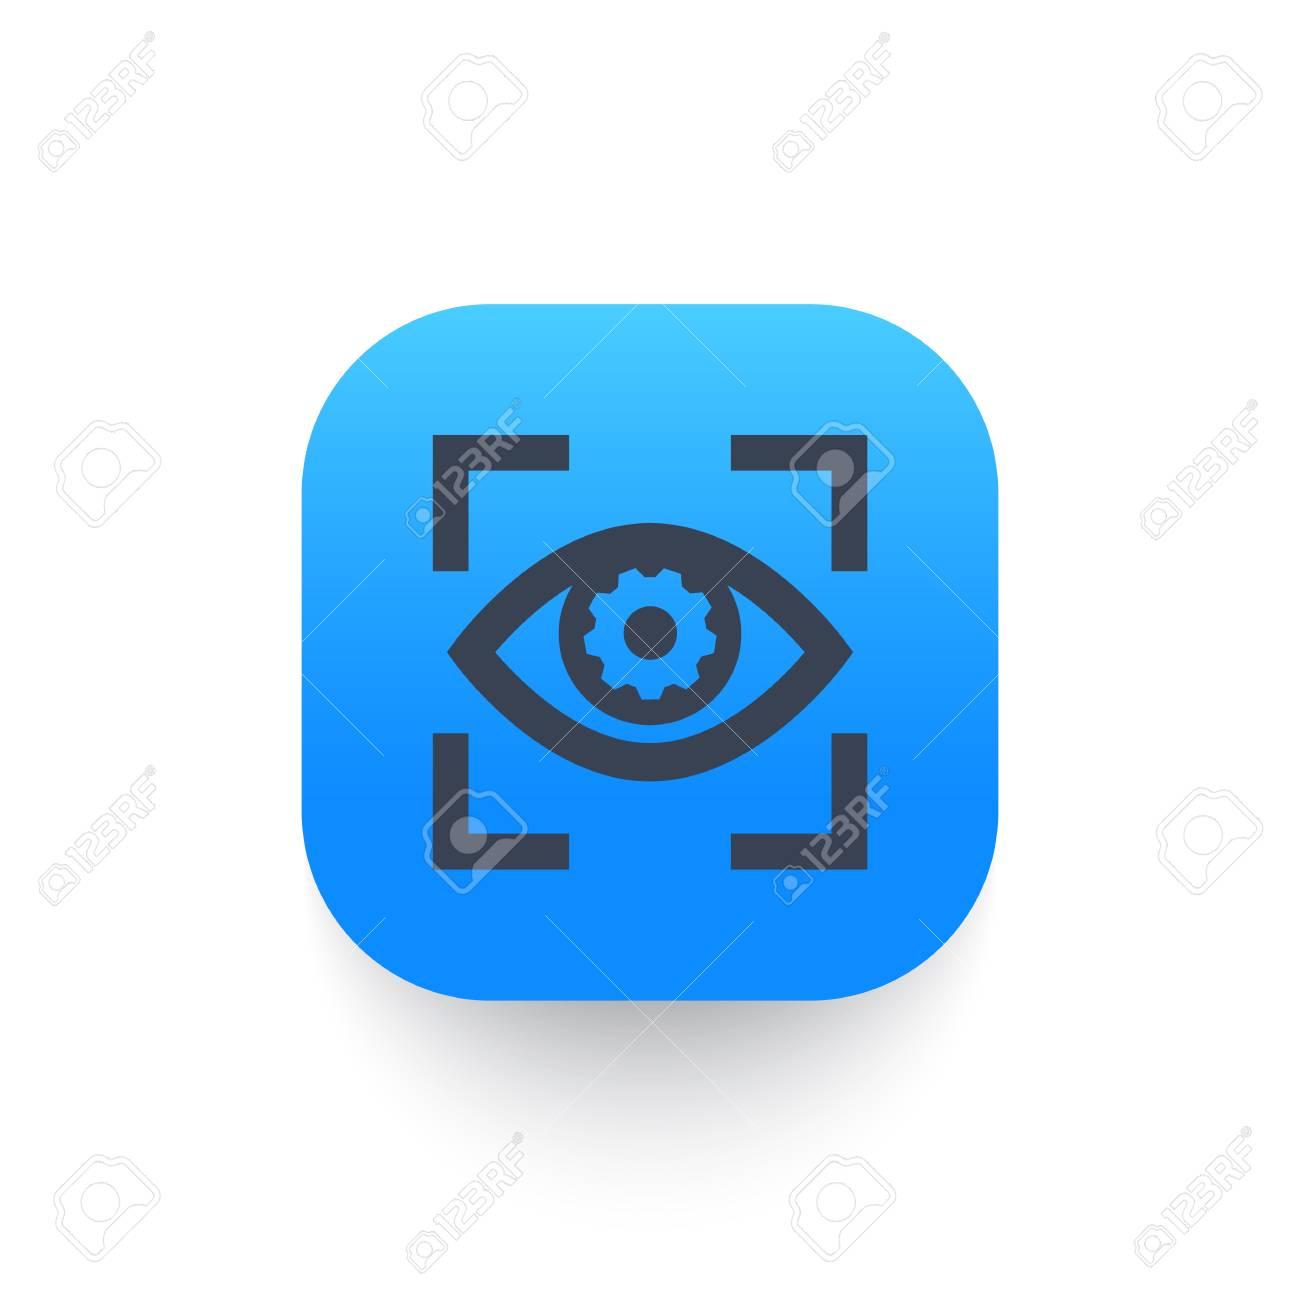 eye with gear icon, symbol - 90146304